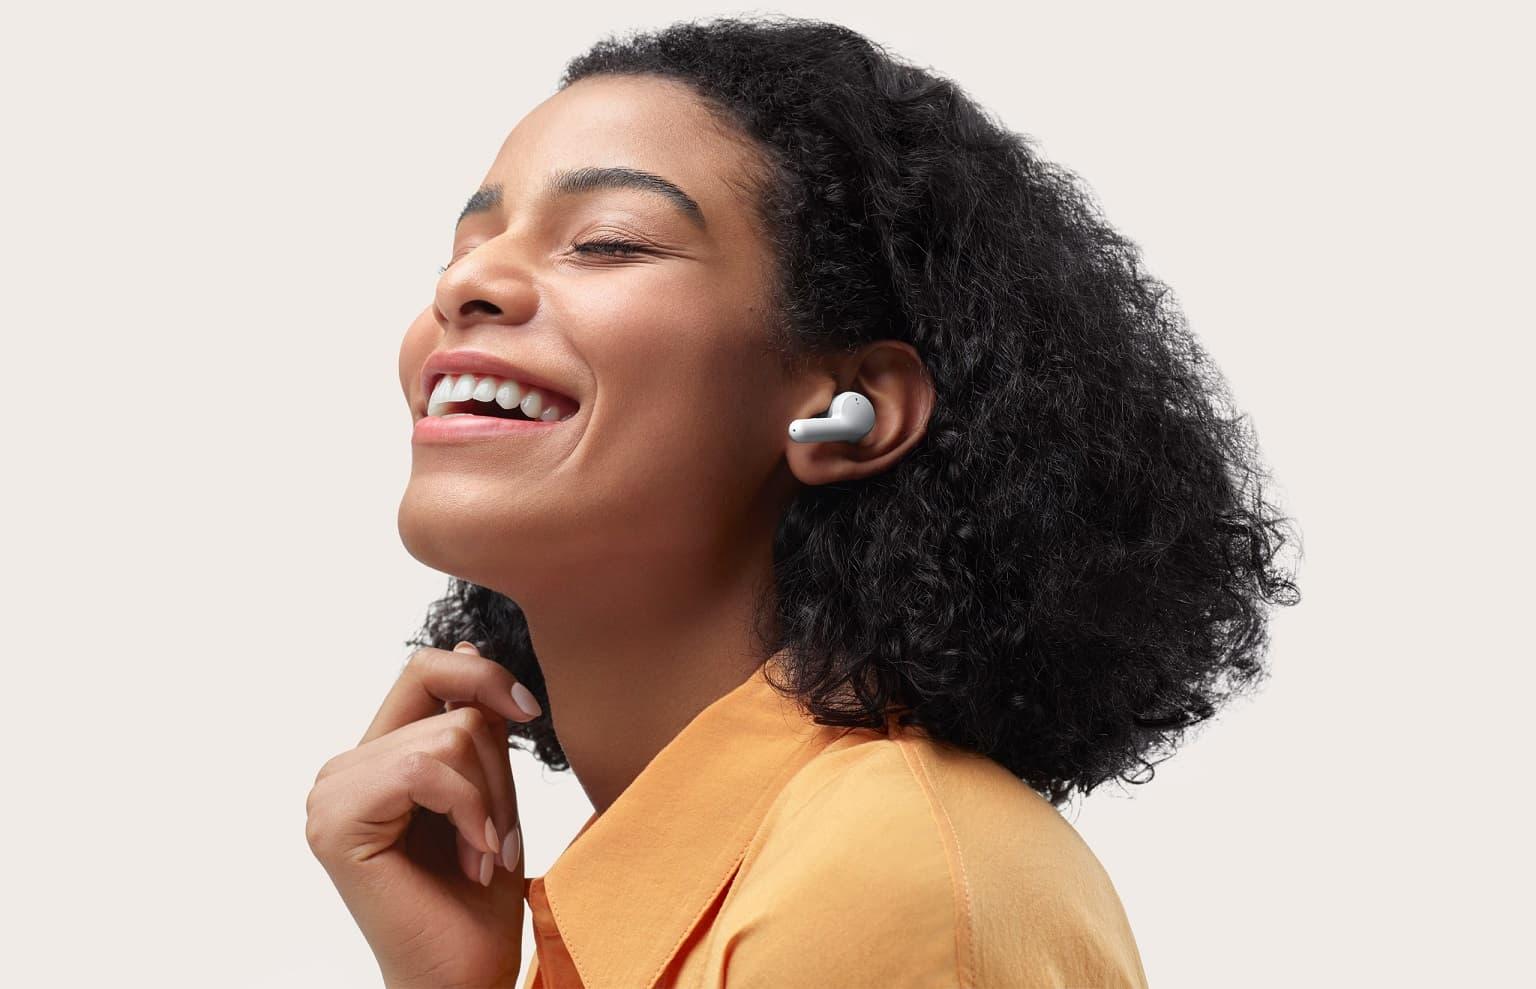 słuchawki TWS Amazfit PowerBuds Pro